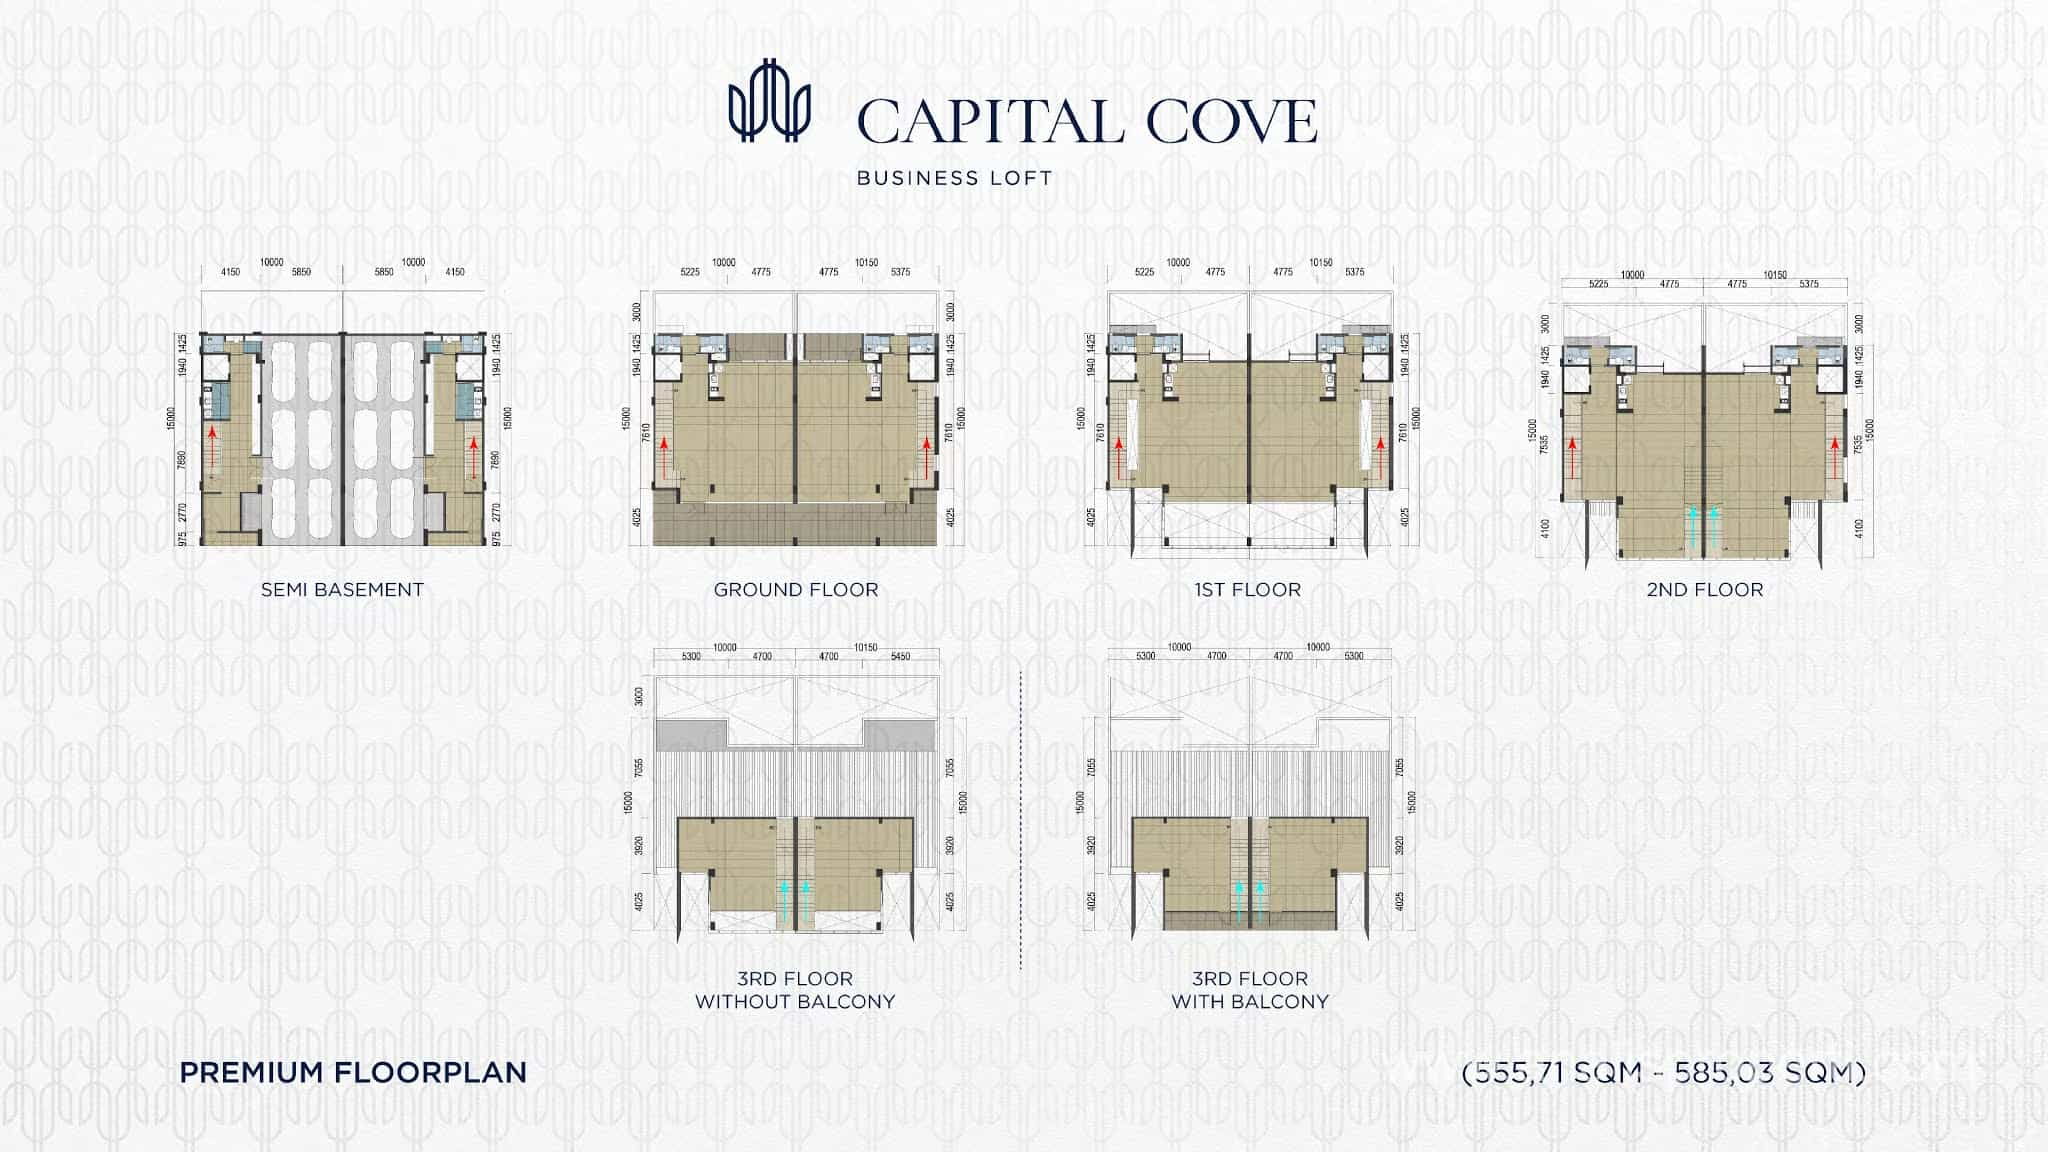 Denah Capital Cove Tipe Premium